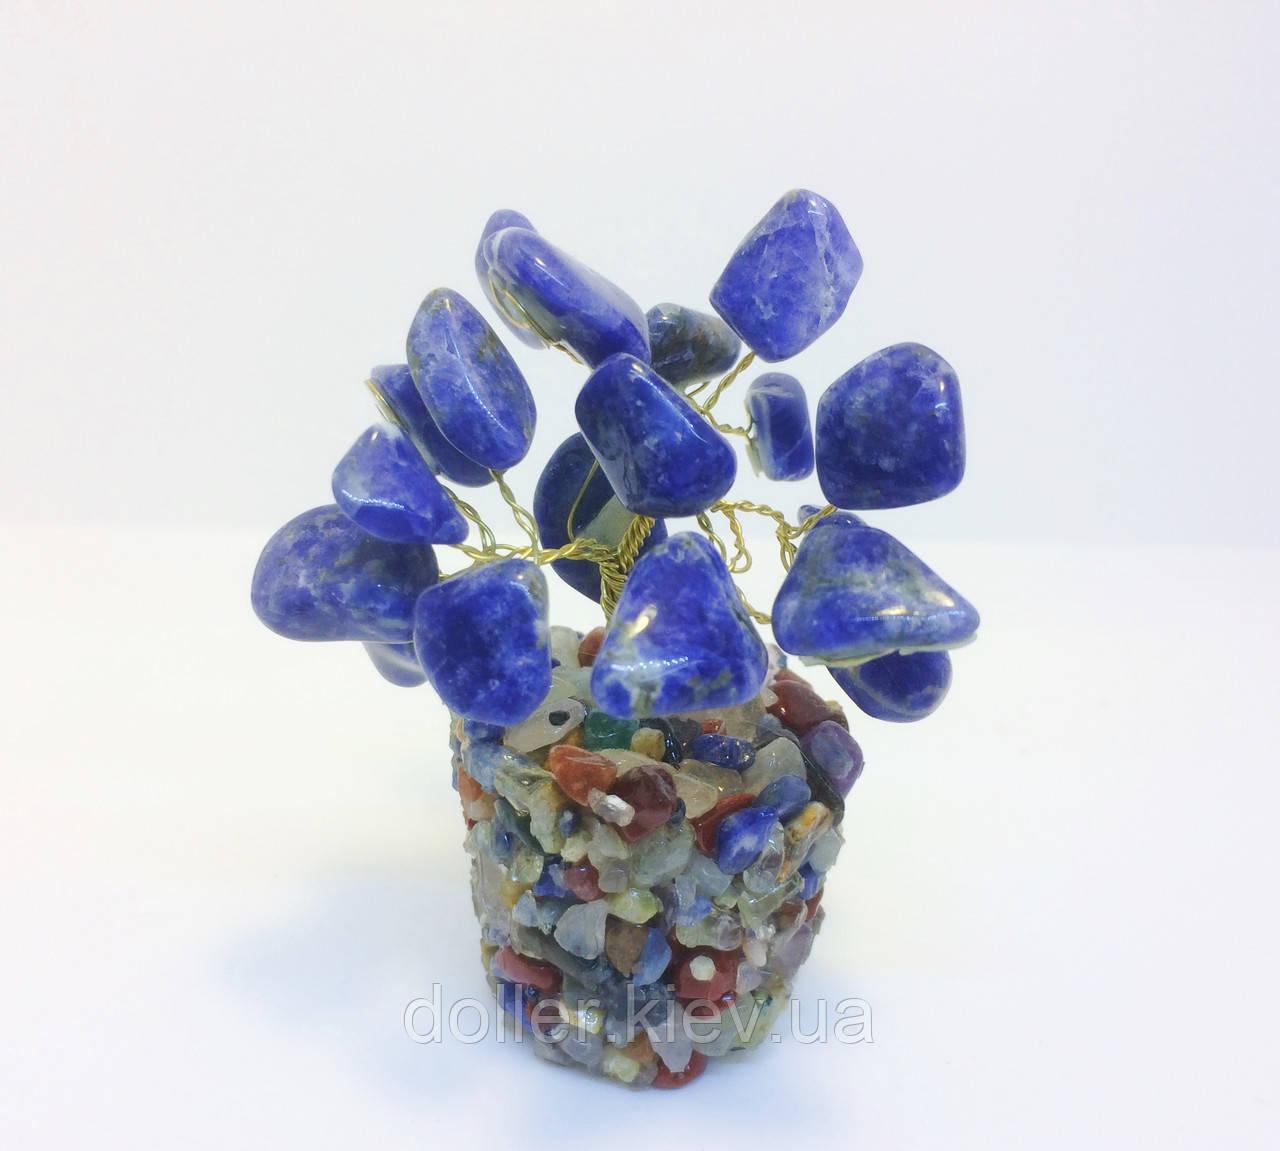 Дерево из камня   сувенирное деревце из лазурита S   деревья декоративные